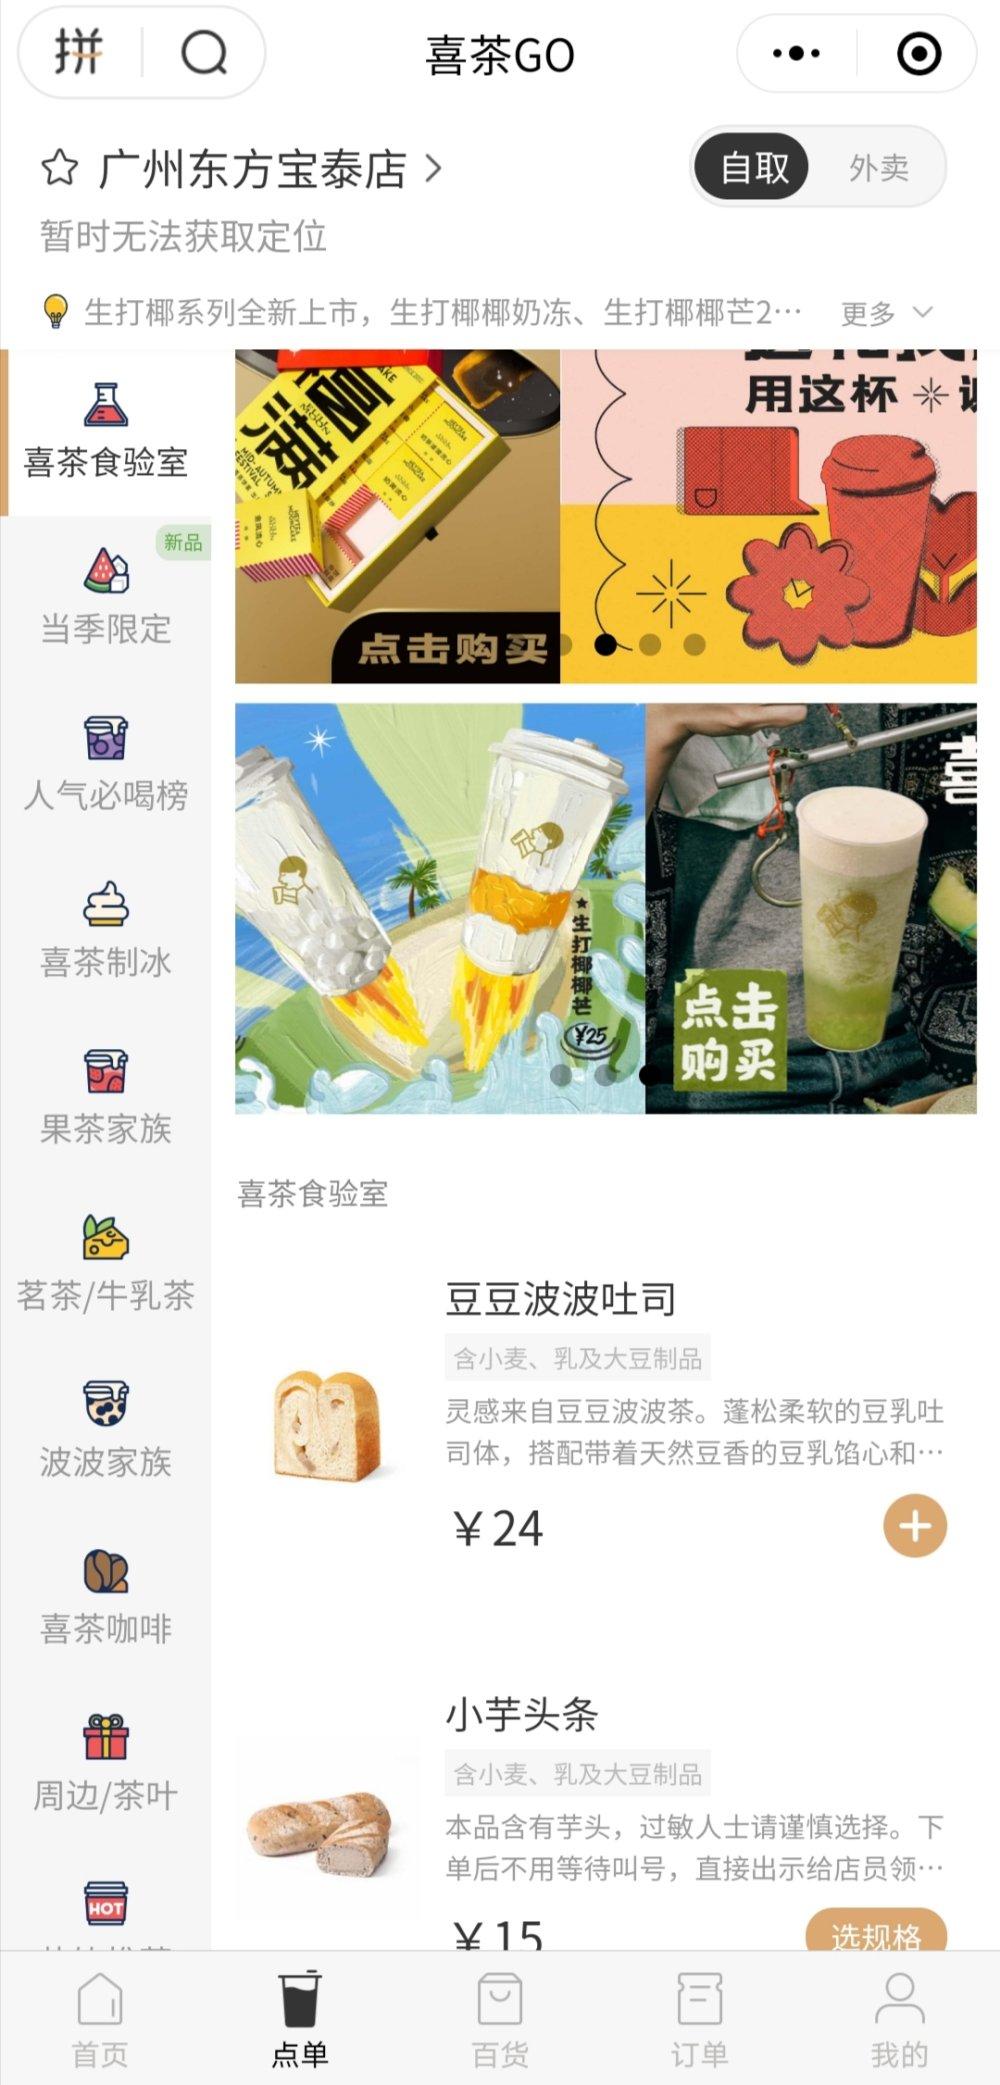 喜茶创始人聂云宸的野望 从产品到人性